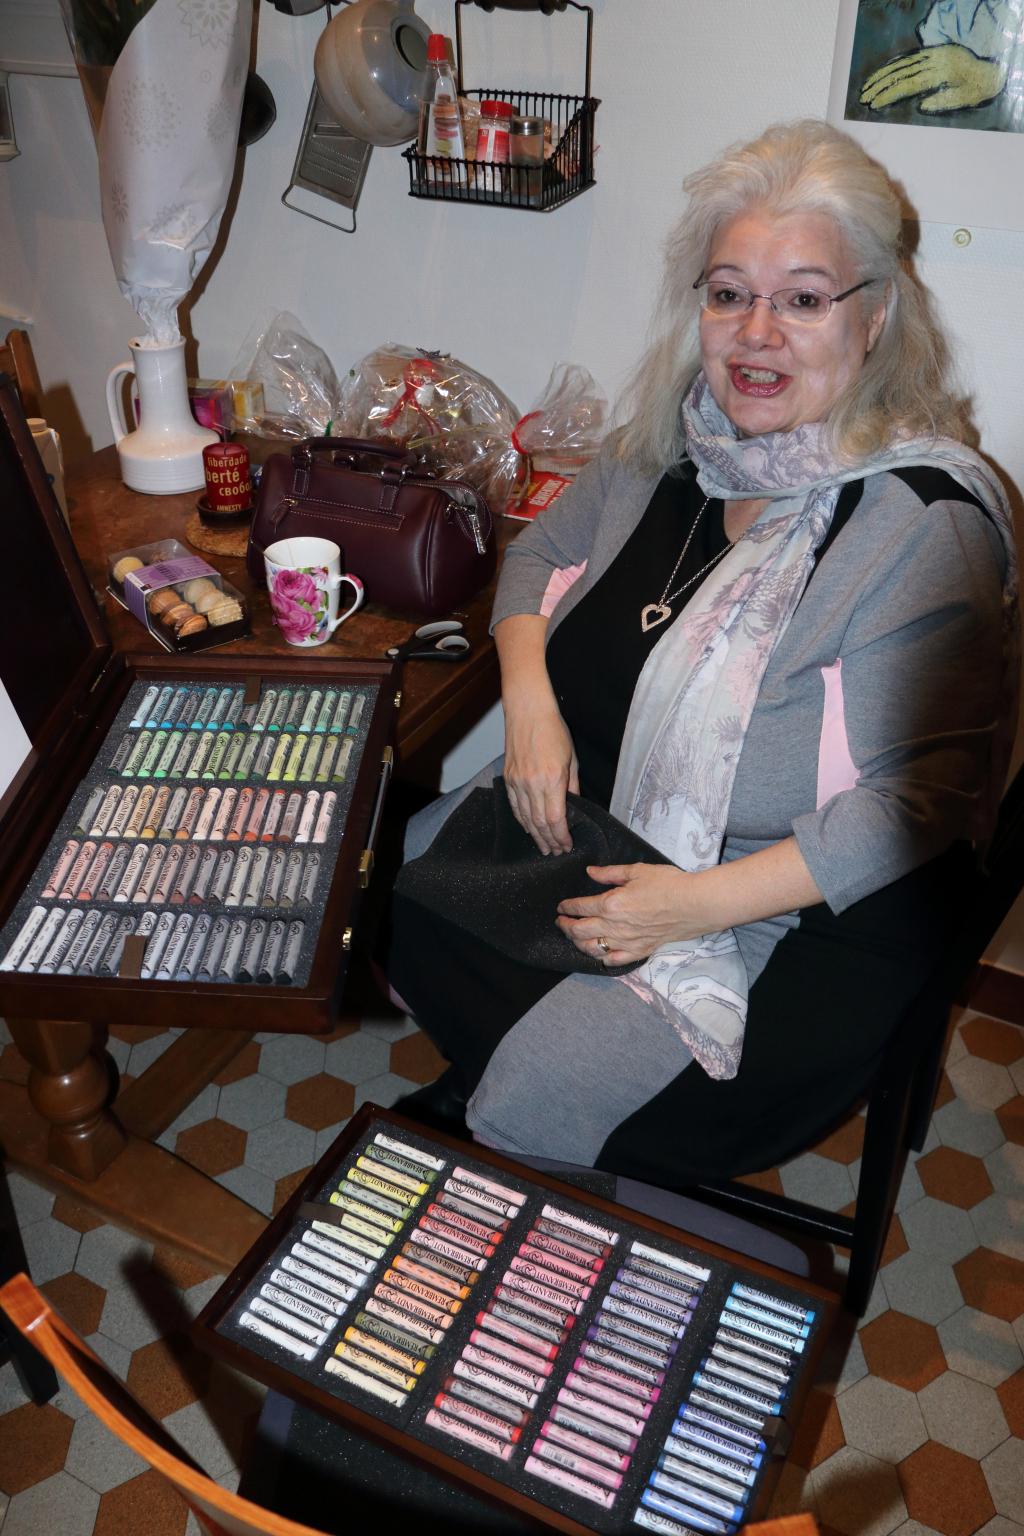 201228.16 - Lausanne, av. Dapples 3 - Sylviane déballe ses pastels